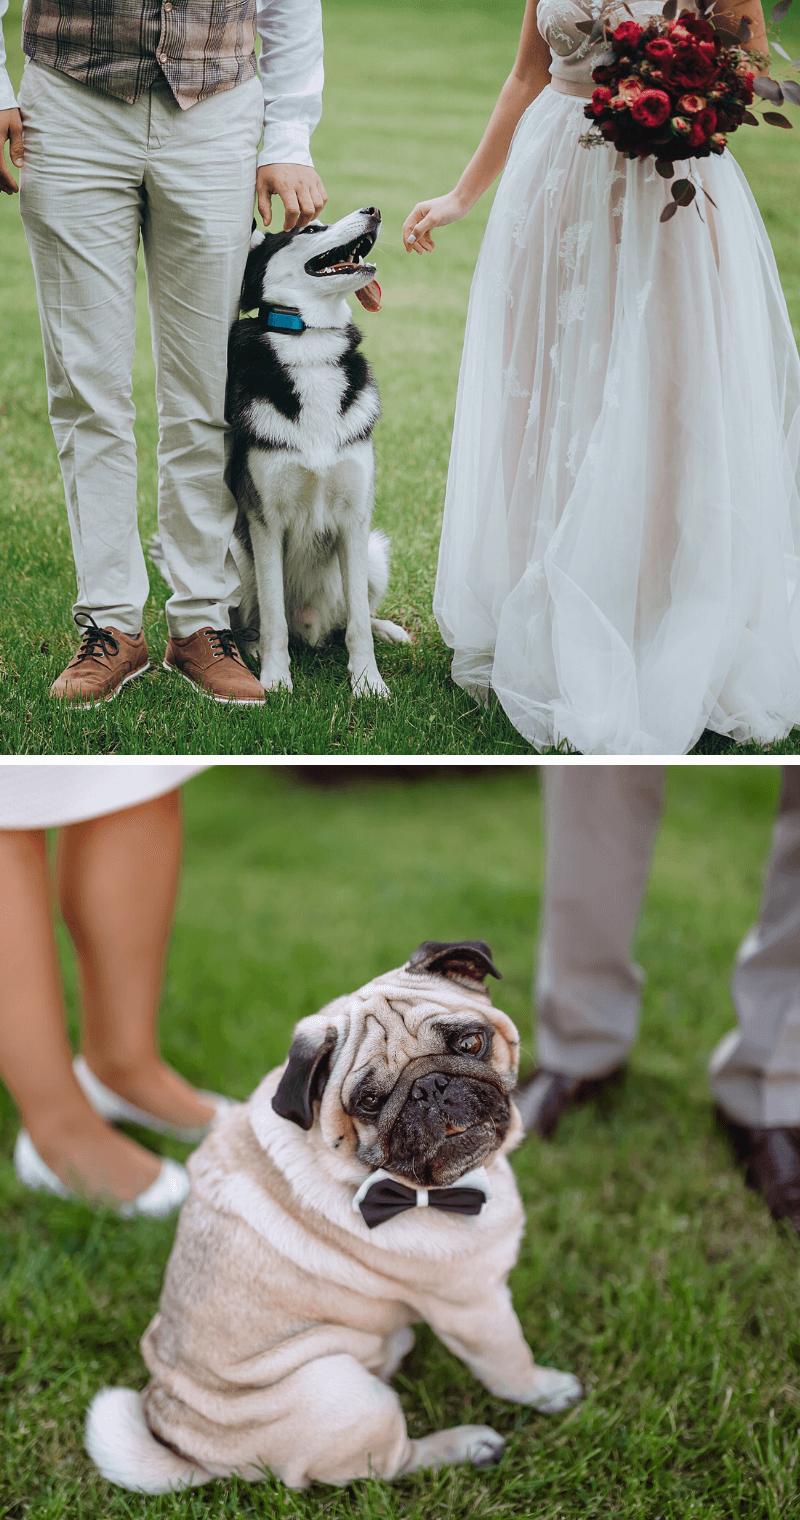 Hochzeit mit Tier Fotoshooting